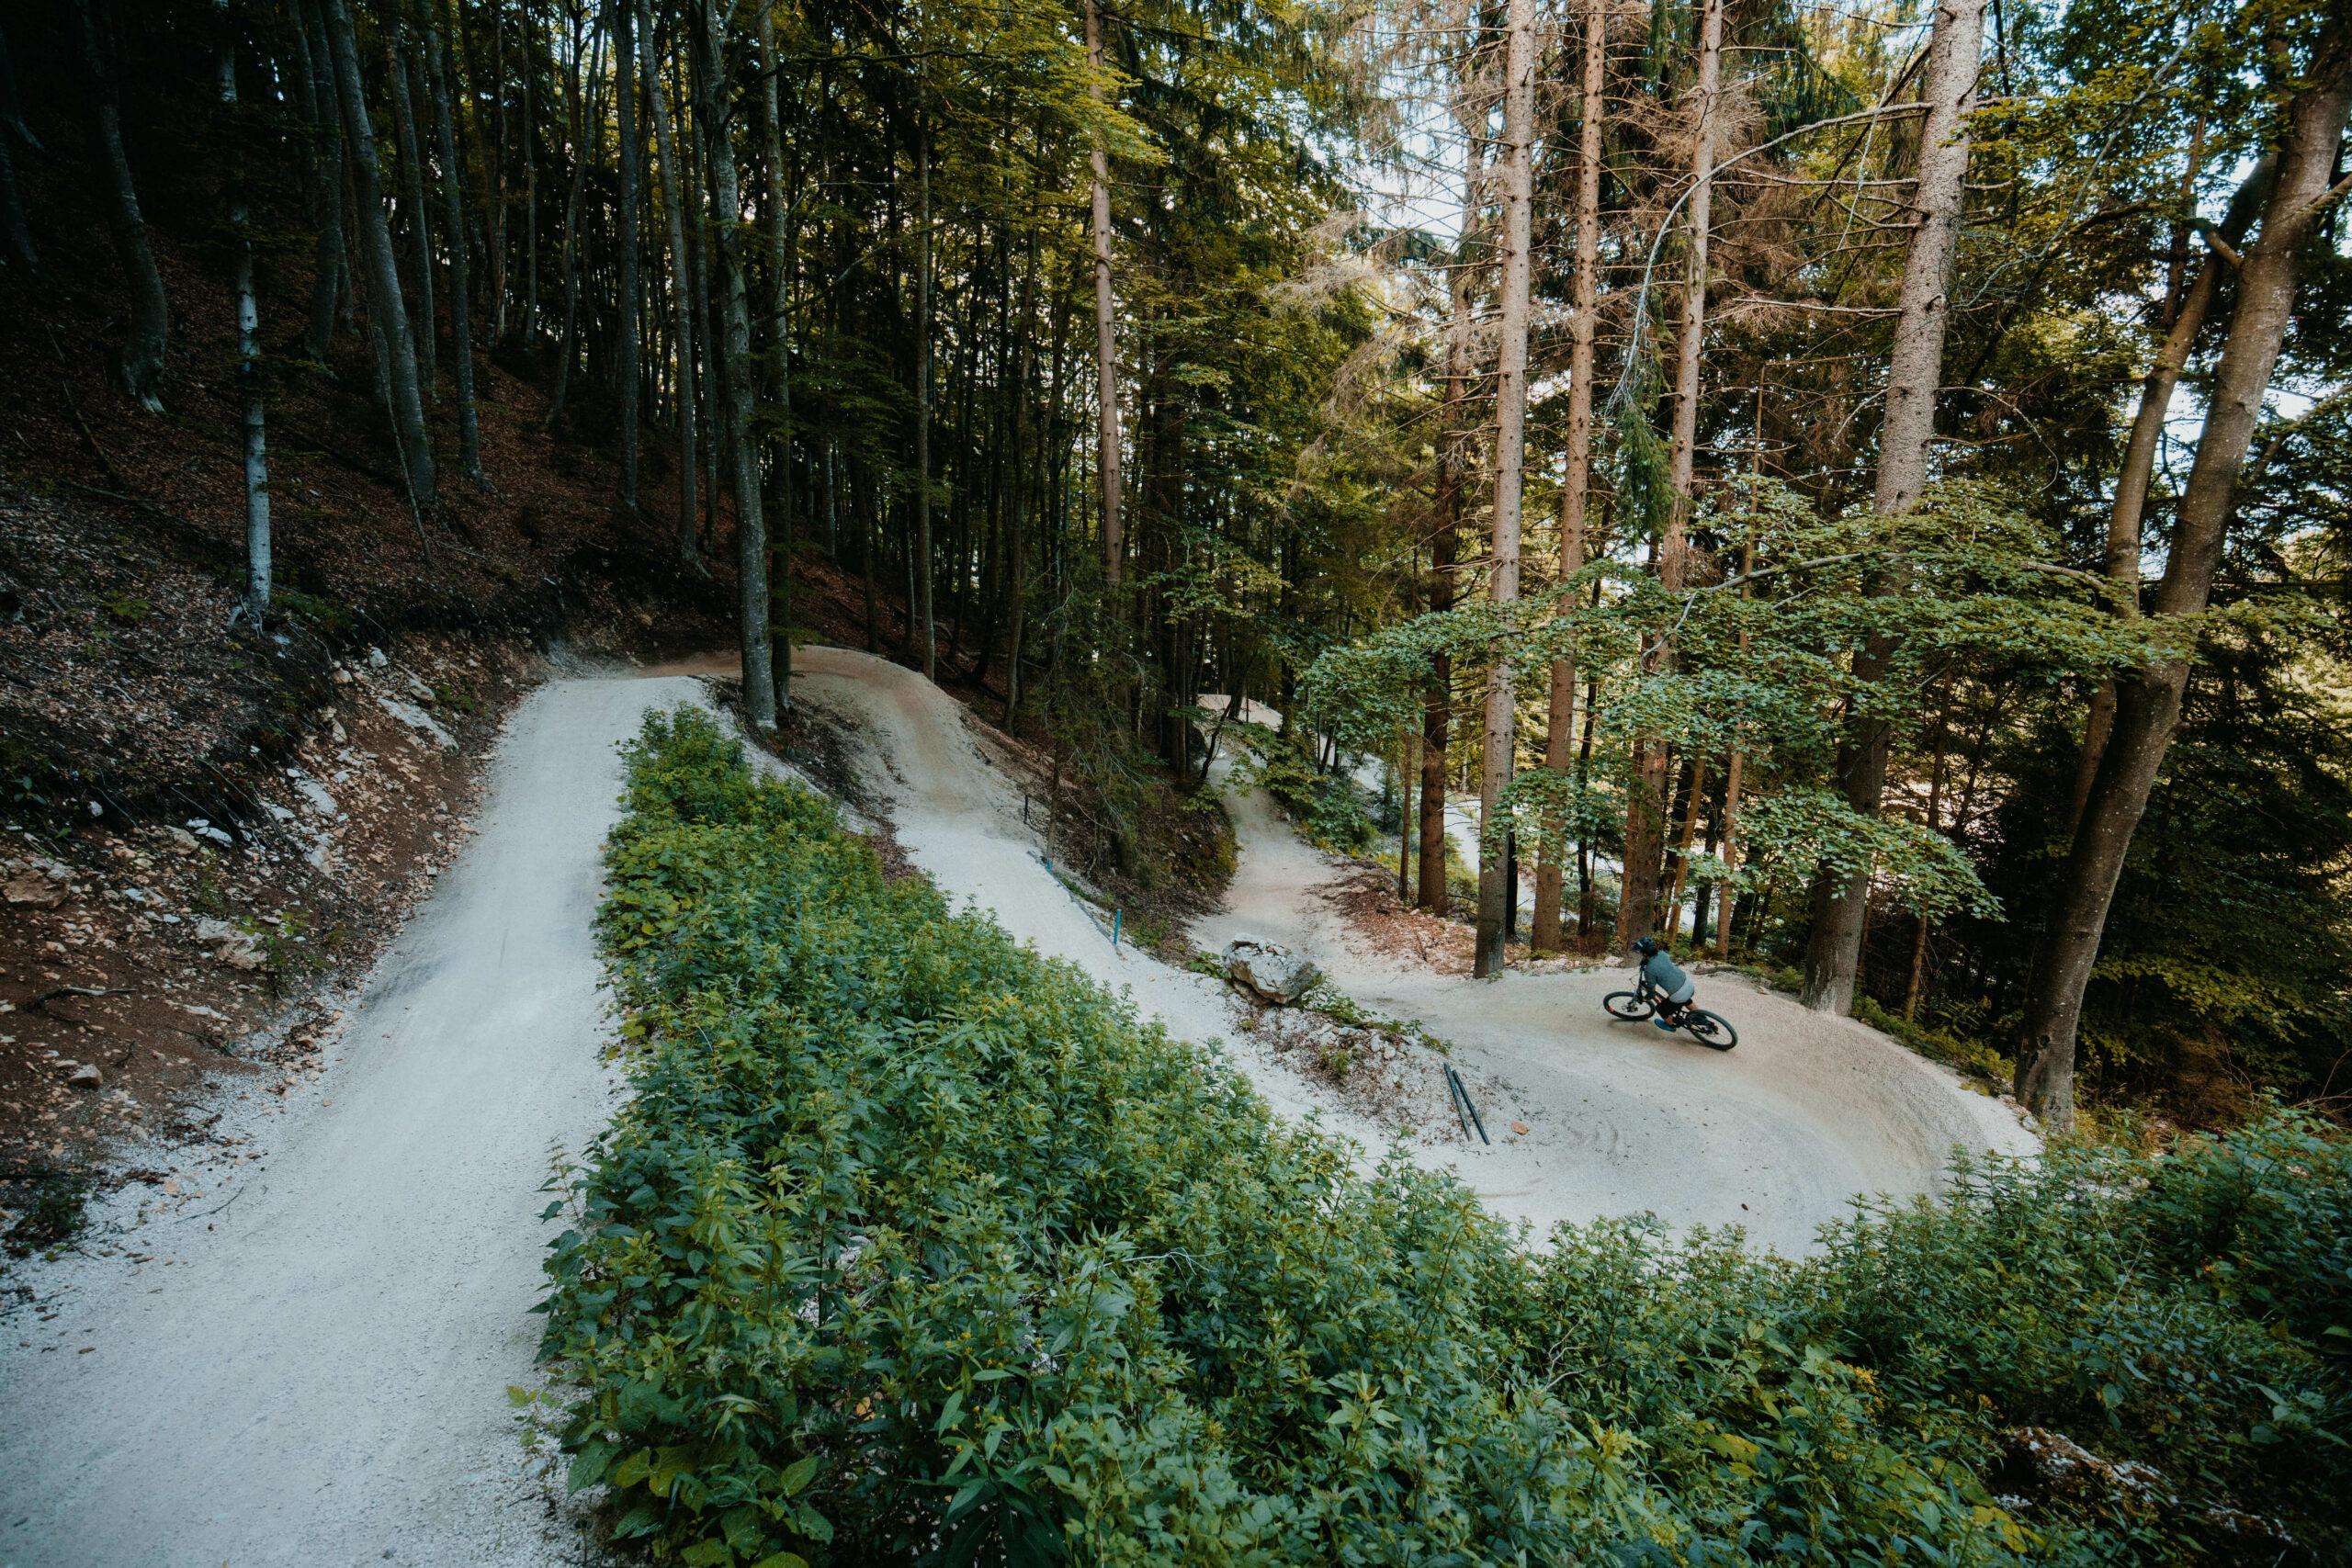 austria-at_kaernten_klopeiner-see_oesterreich-werbung_charly-schwarz_urlaub-buchen_bikepark-petzen_camping_strandbad